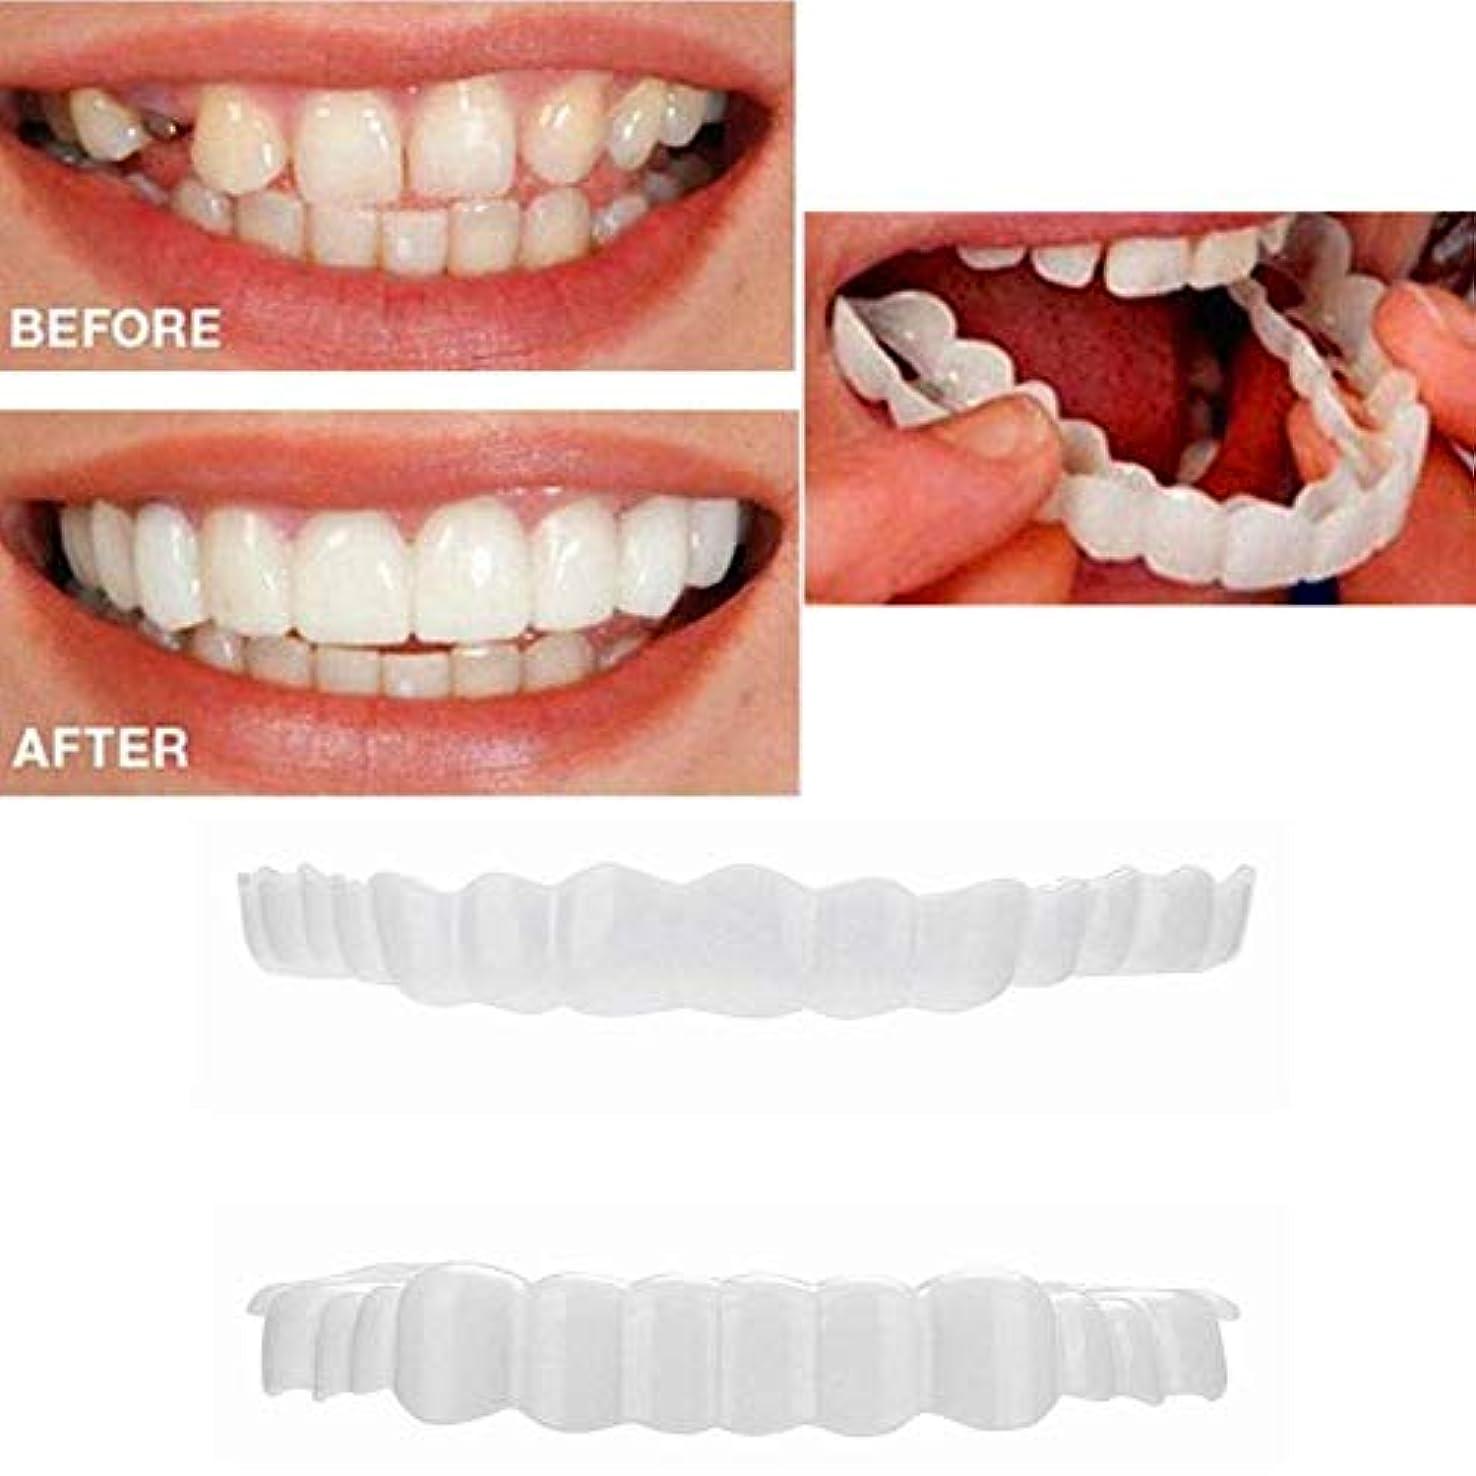 微妙侵入する膨張する最新の化粧板の歯、化粧品の歯3組 - 一時的な笑顔の快適さフィットフレックス化粧品の歯、ワンサイズ、スーペリアーとローワーコンフォートベニア - (Lower + Upper)